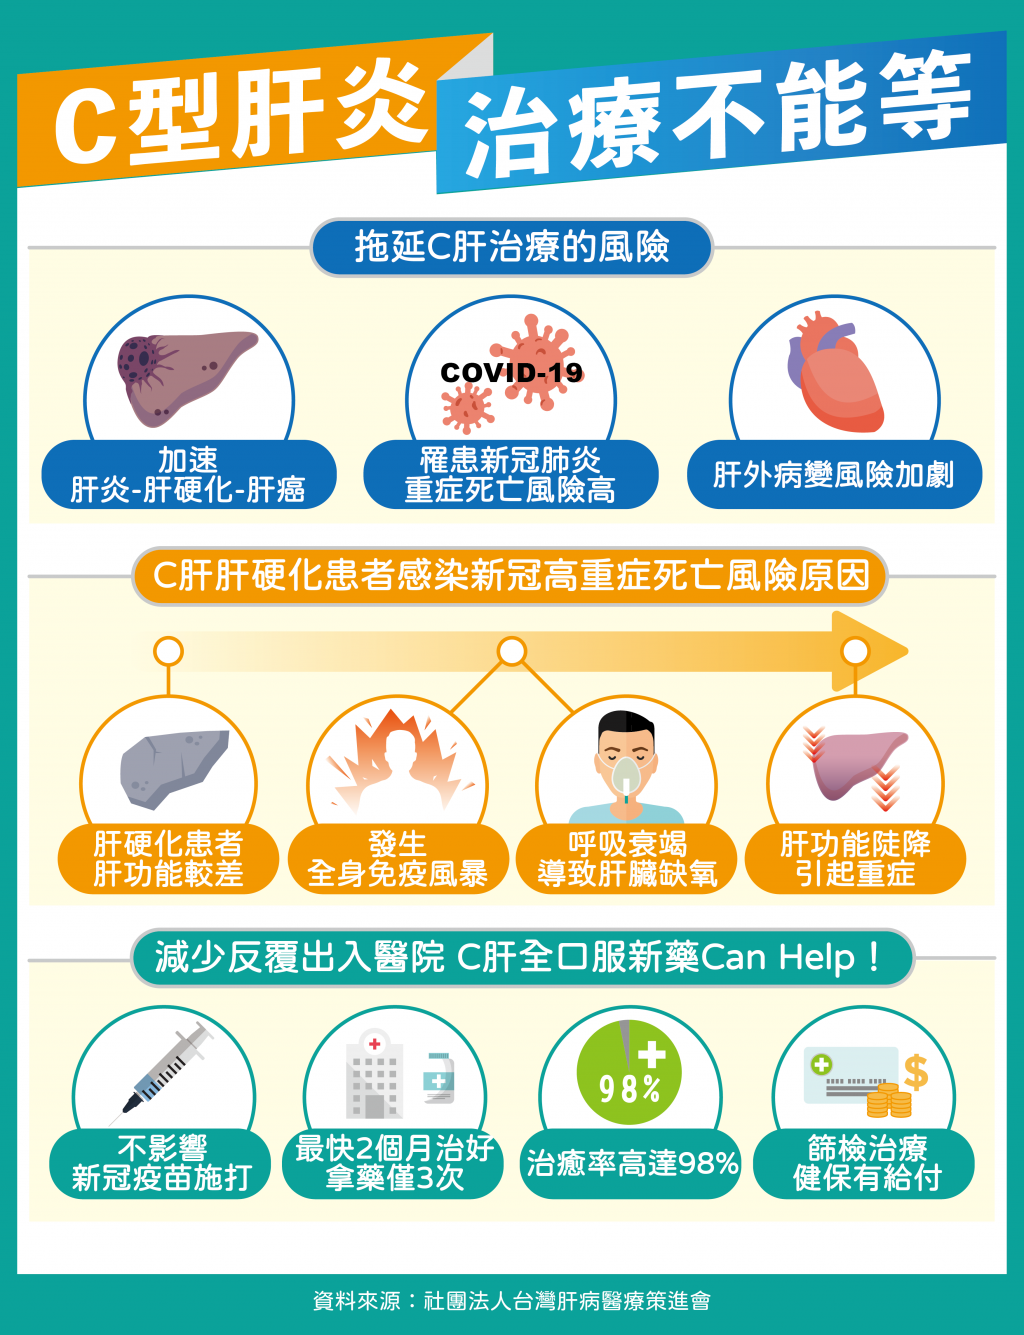 有C肝快就醫 研究:肝硬化患者染新冠肺炎死亡風險增3.31倍